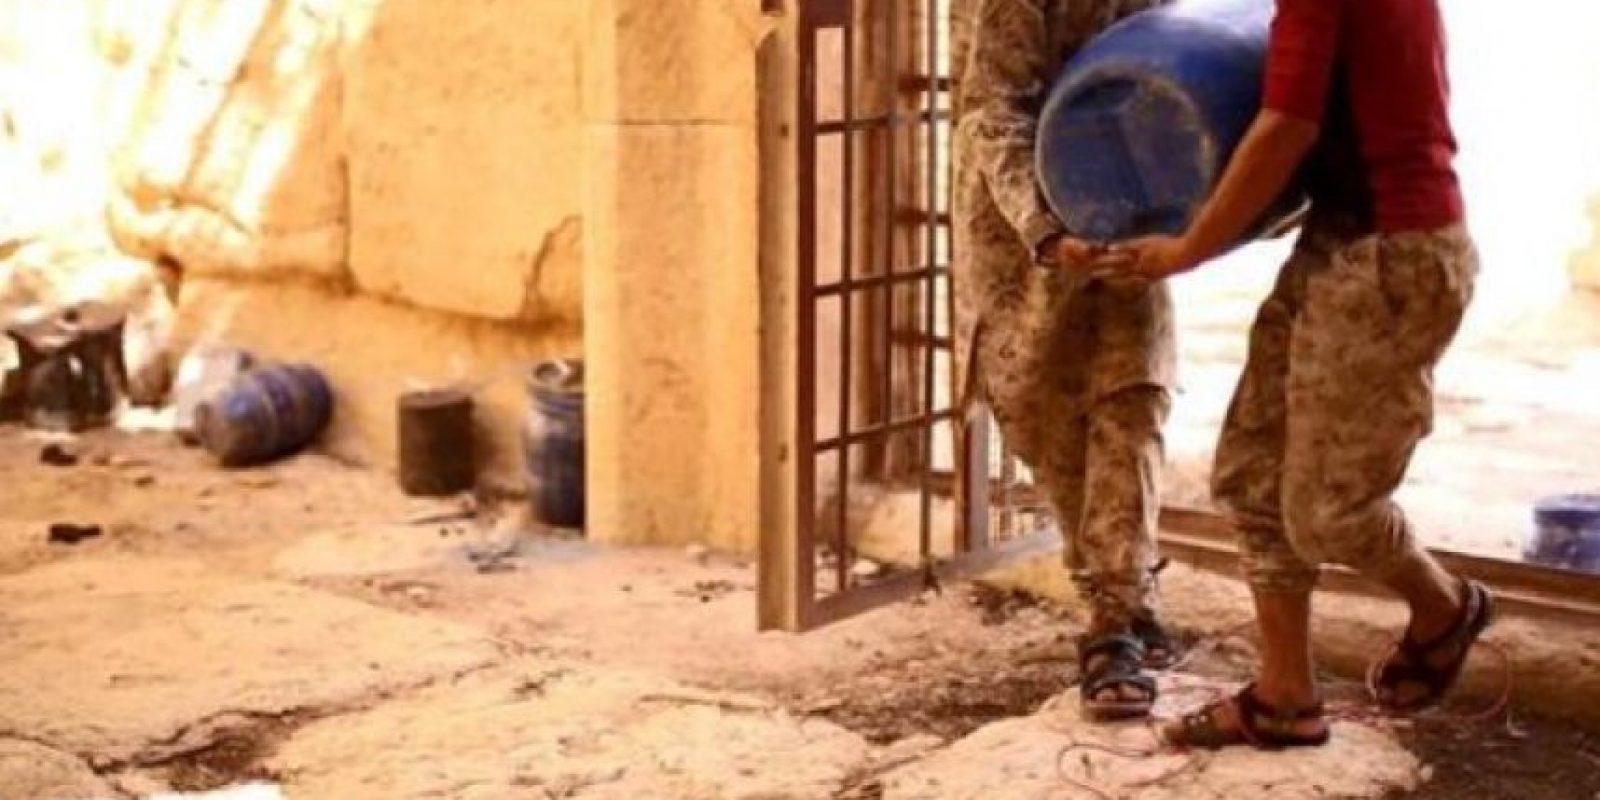 Pusieron barriles cargados de explosivos Foto:Estado Islámico